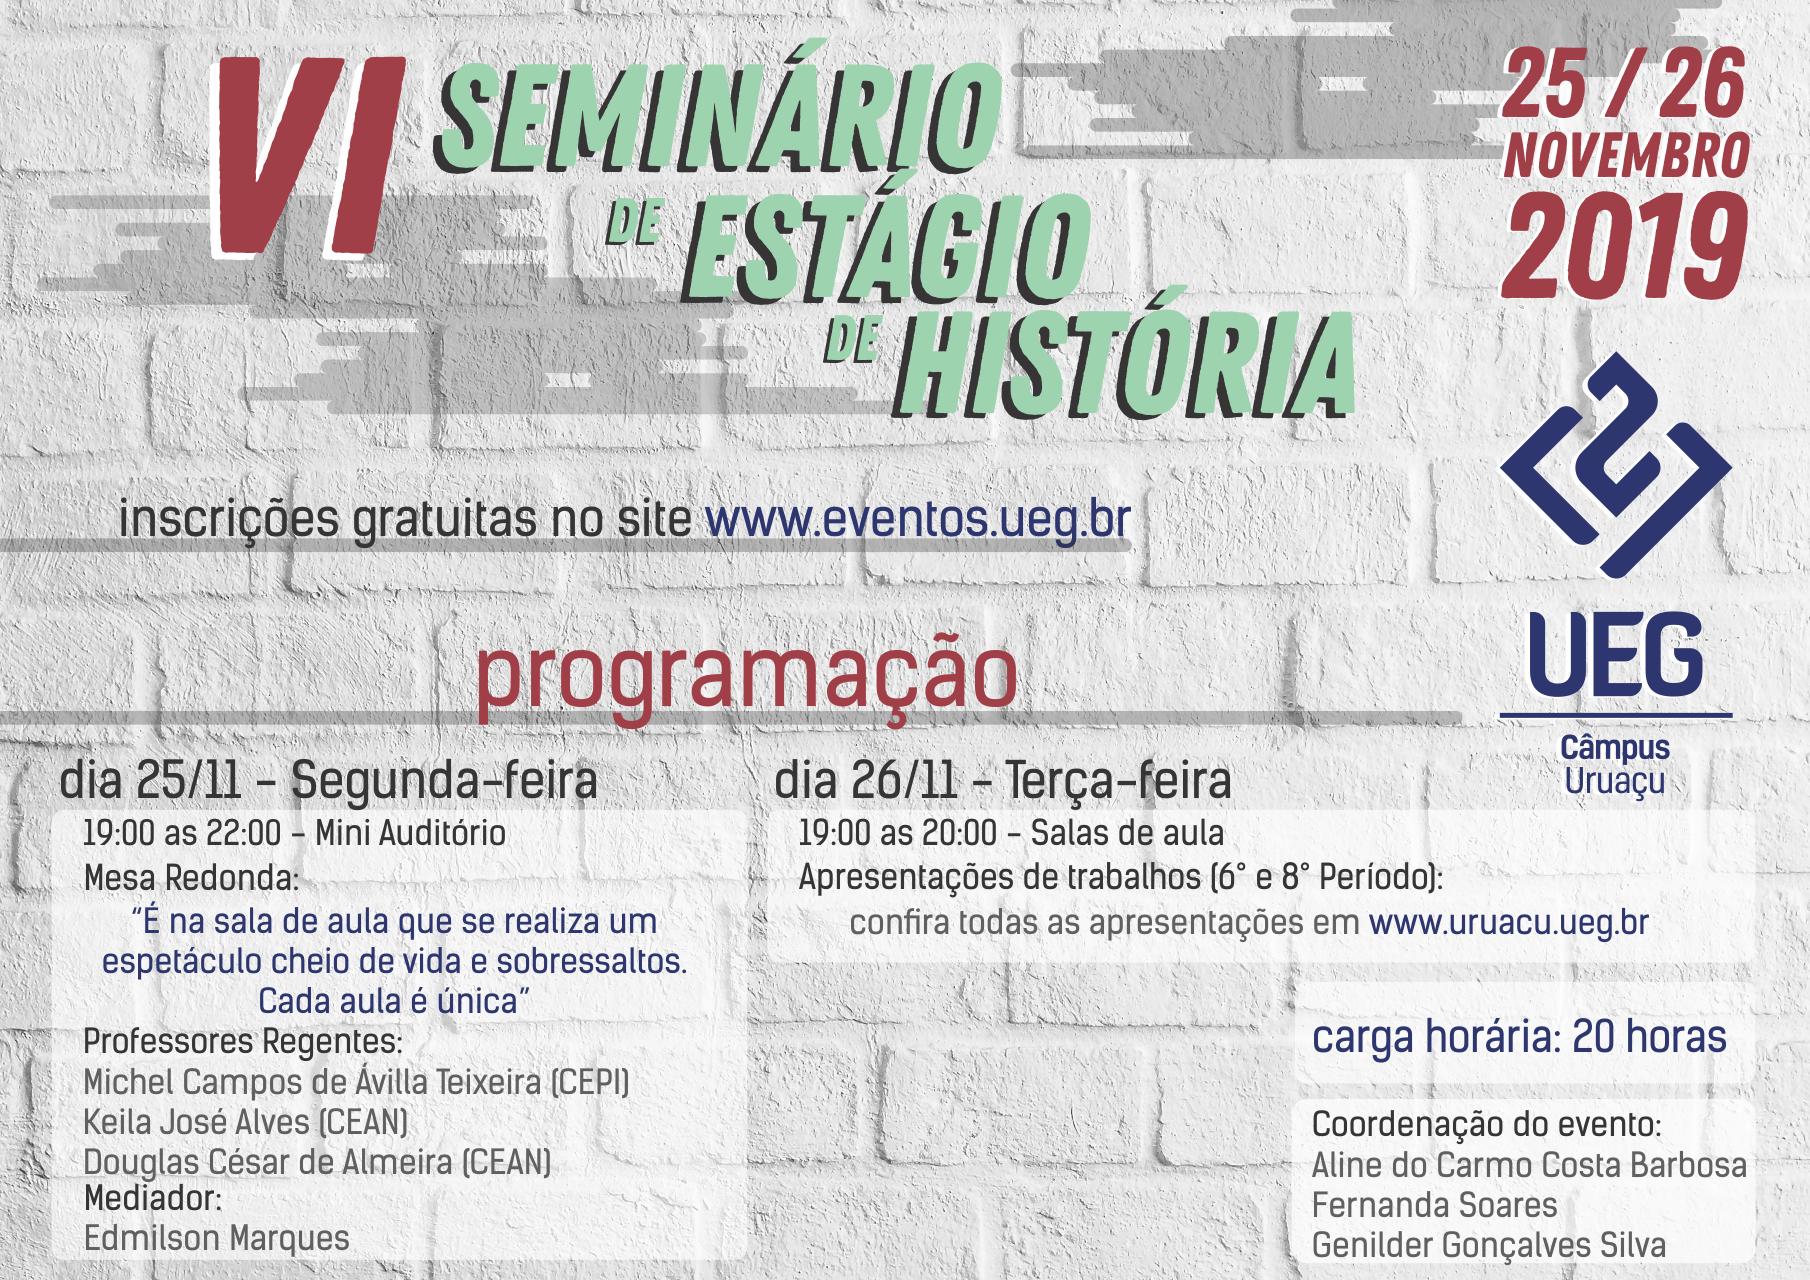 PNG_IV_SEMINARIO_DE_ESTAGIO_DE_HISTORIA_2019